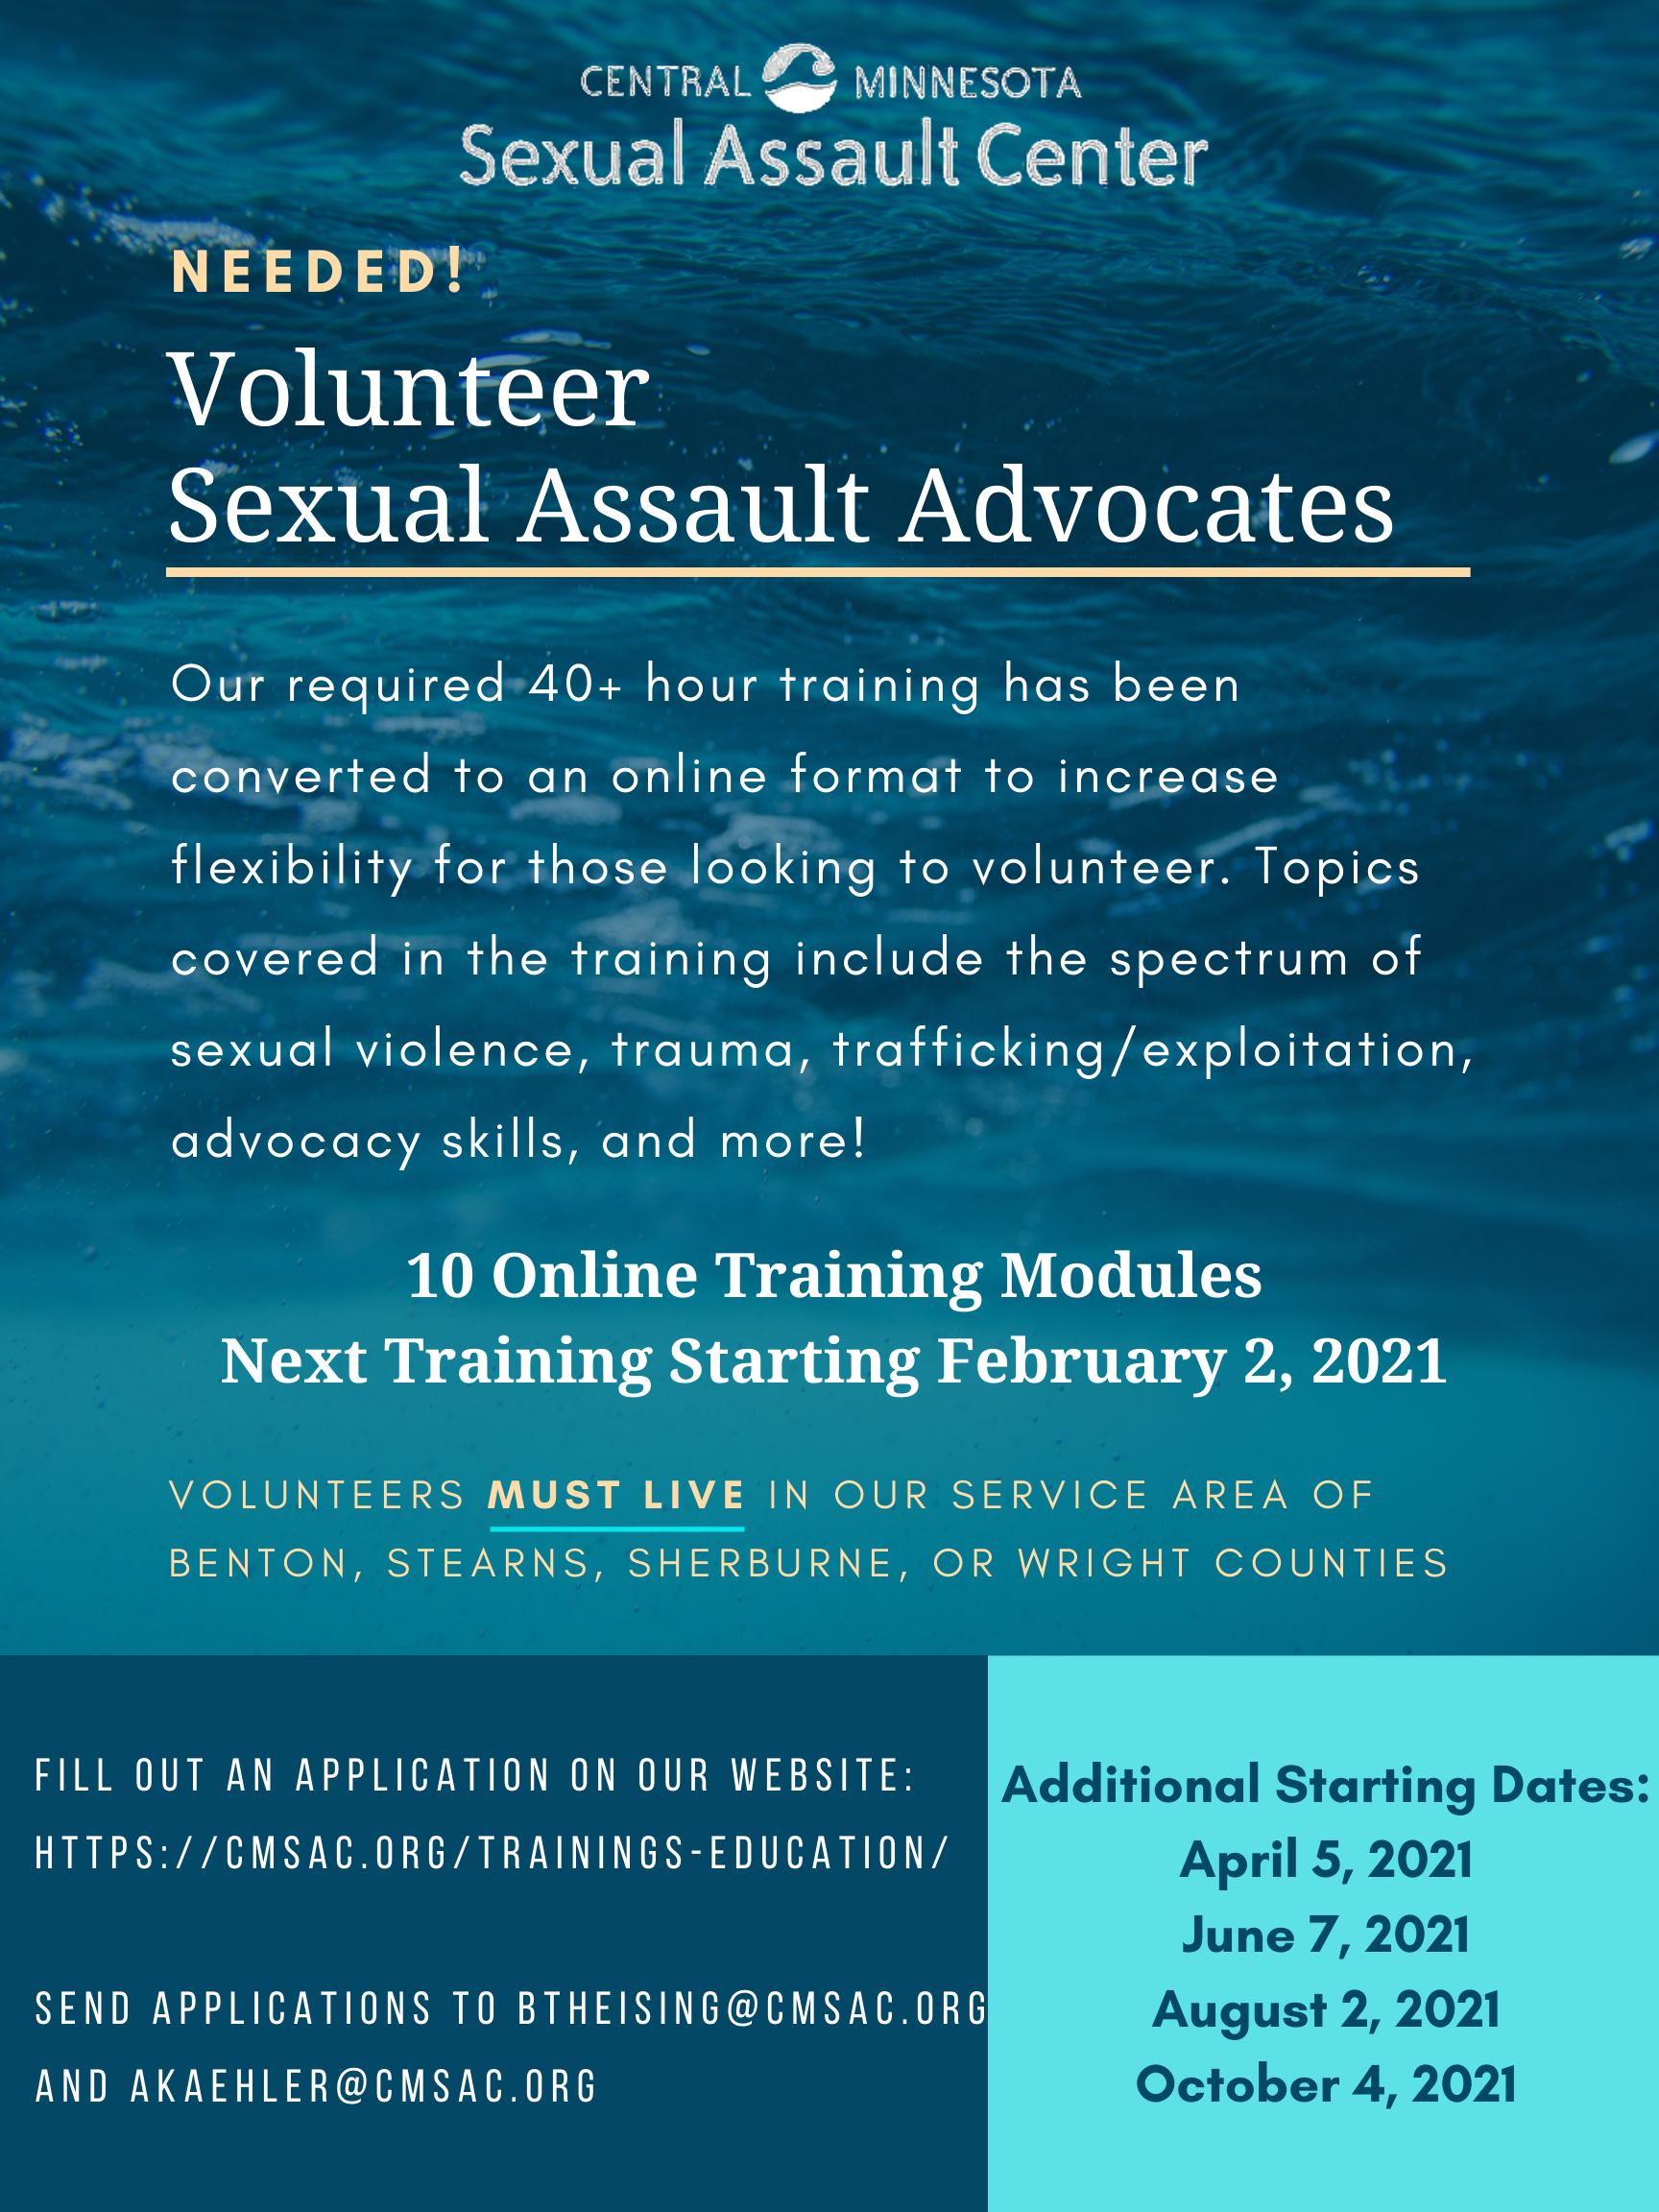 needed_-volunteer-sexual-assault-advocates-2021-2-5